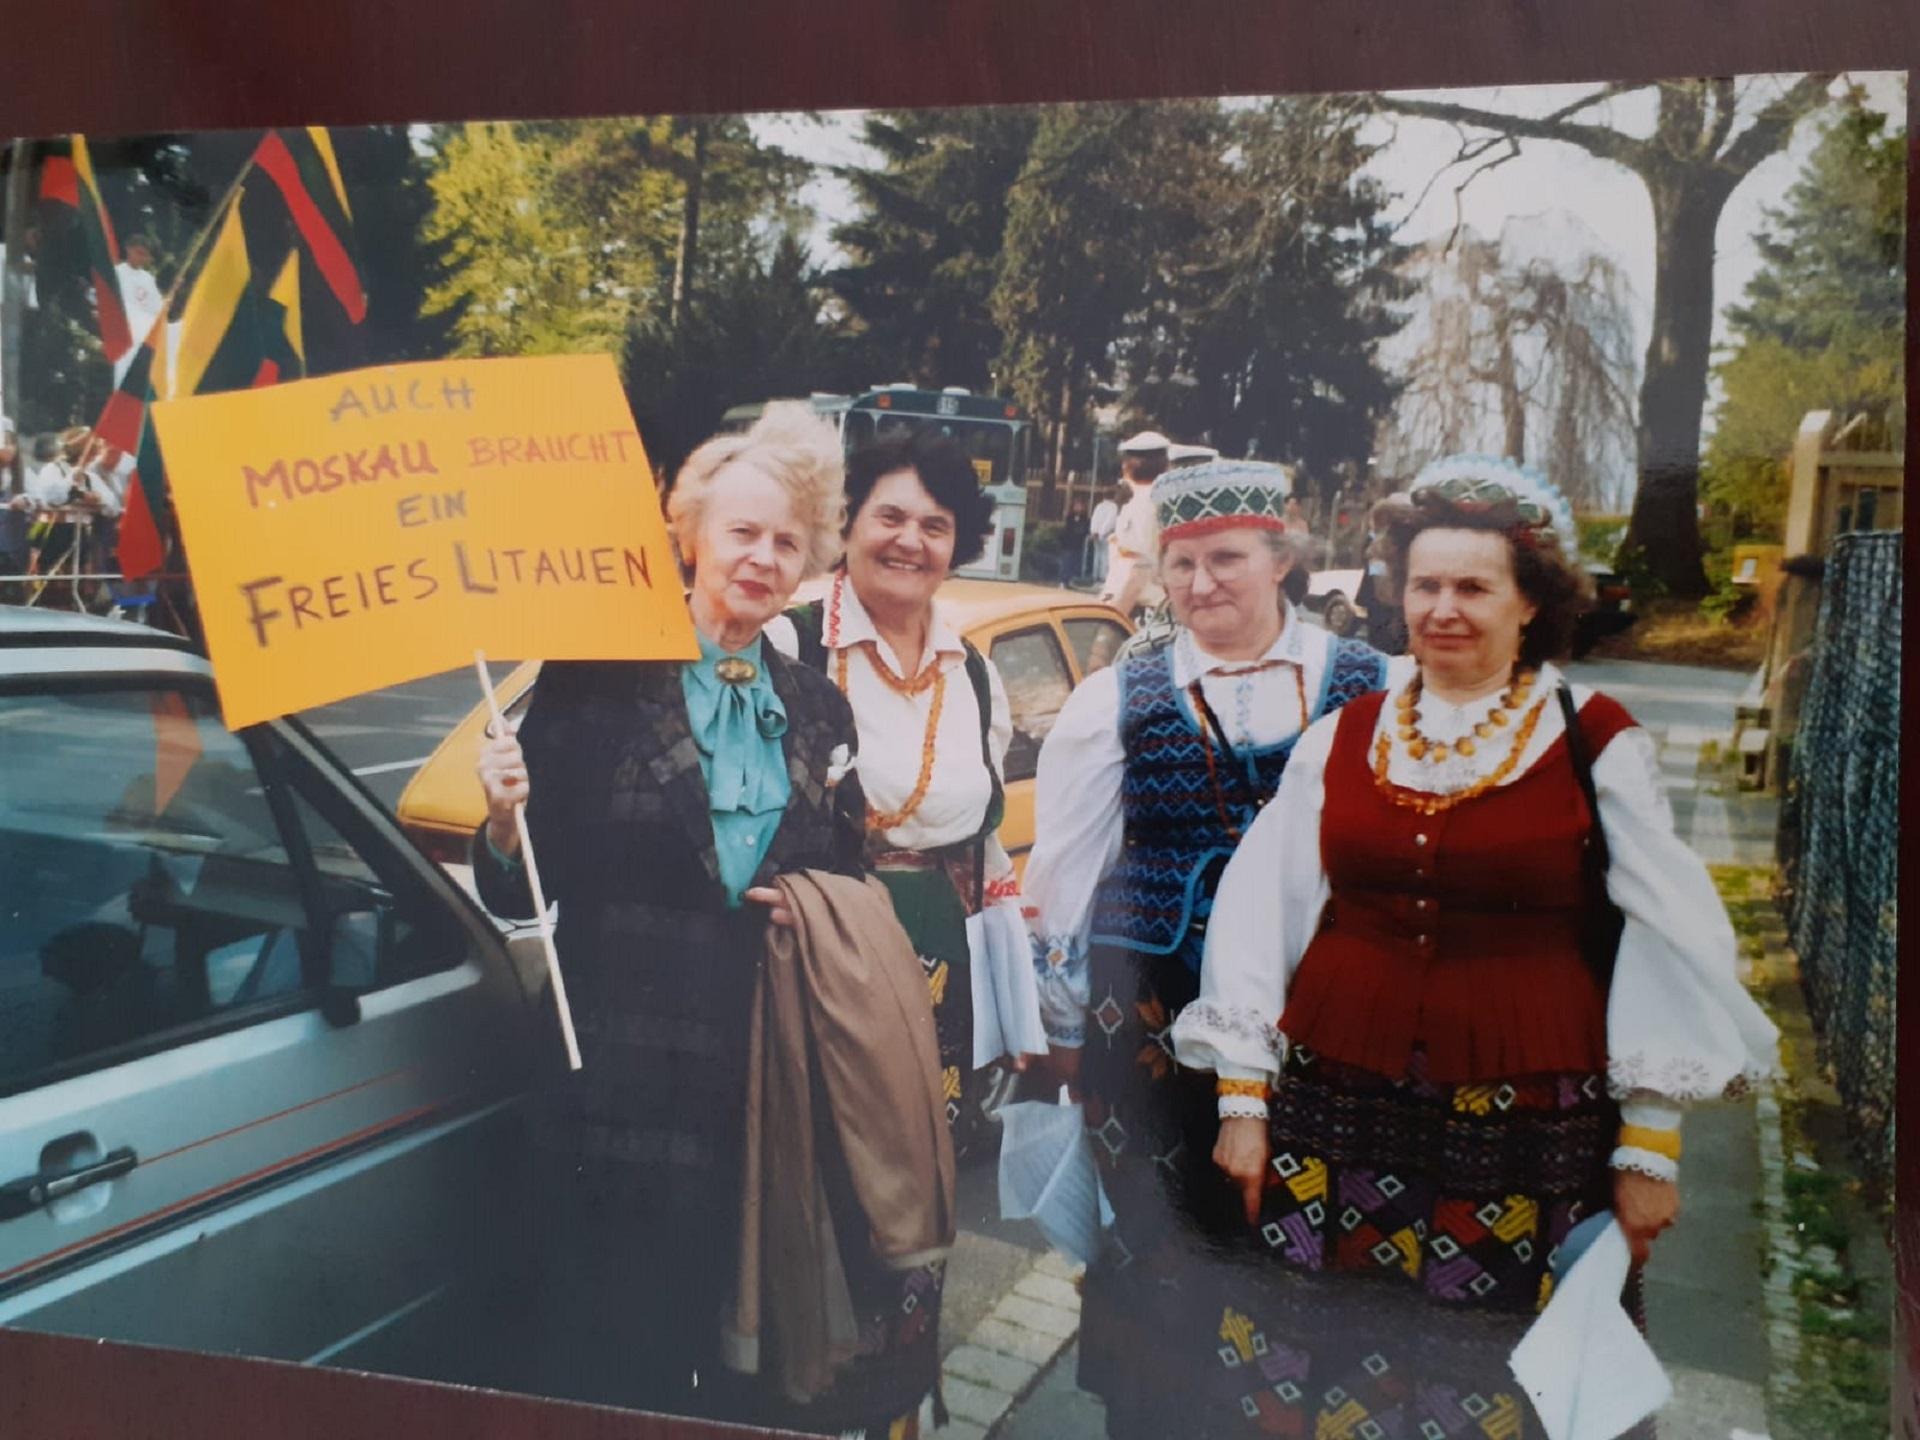 Vokietijos lietuvių moterų klubų narės 1990 metais prie SSSR ambasados Bonnoje. iš kairės: Paulina Ivinskienė, Eugenija Lucienė (Lutz), Dapkienė, Valė Endrikaitienė (iš Bartusevičių albumo)